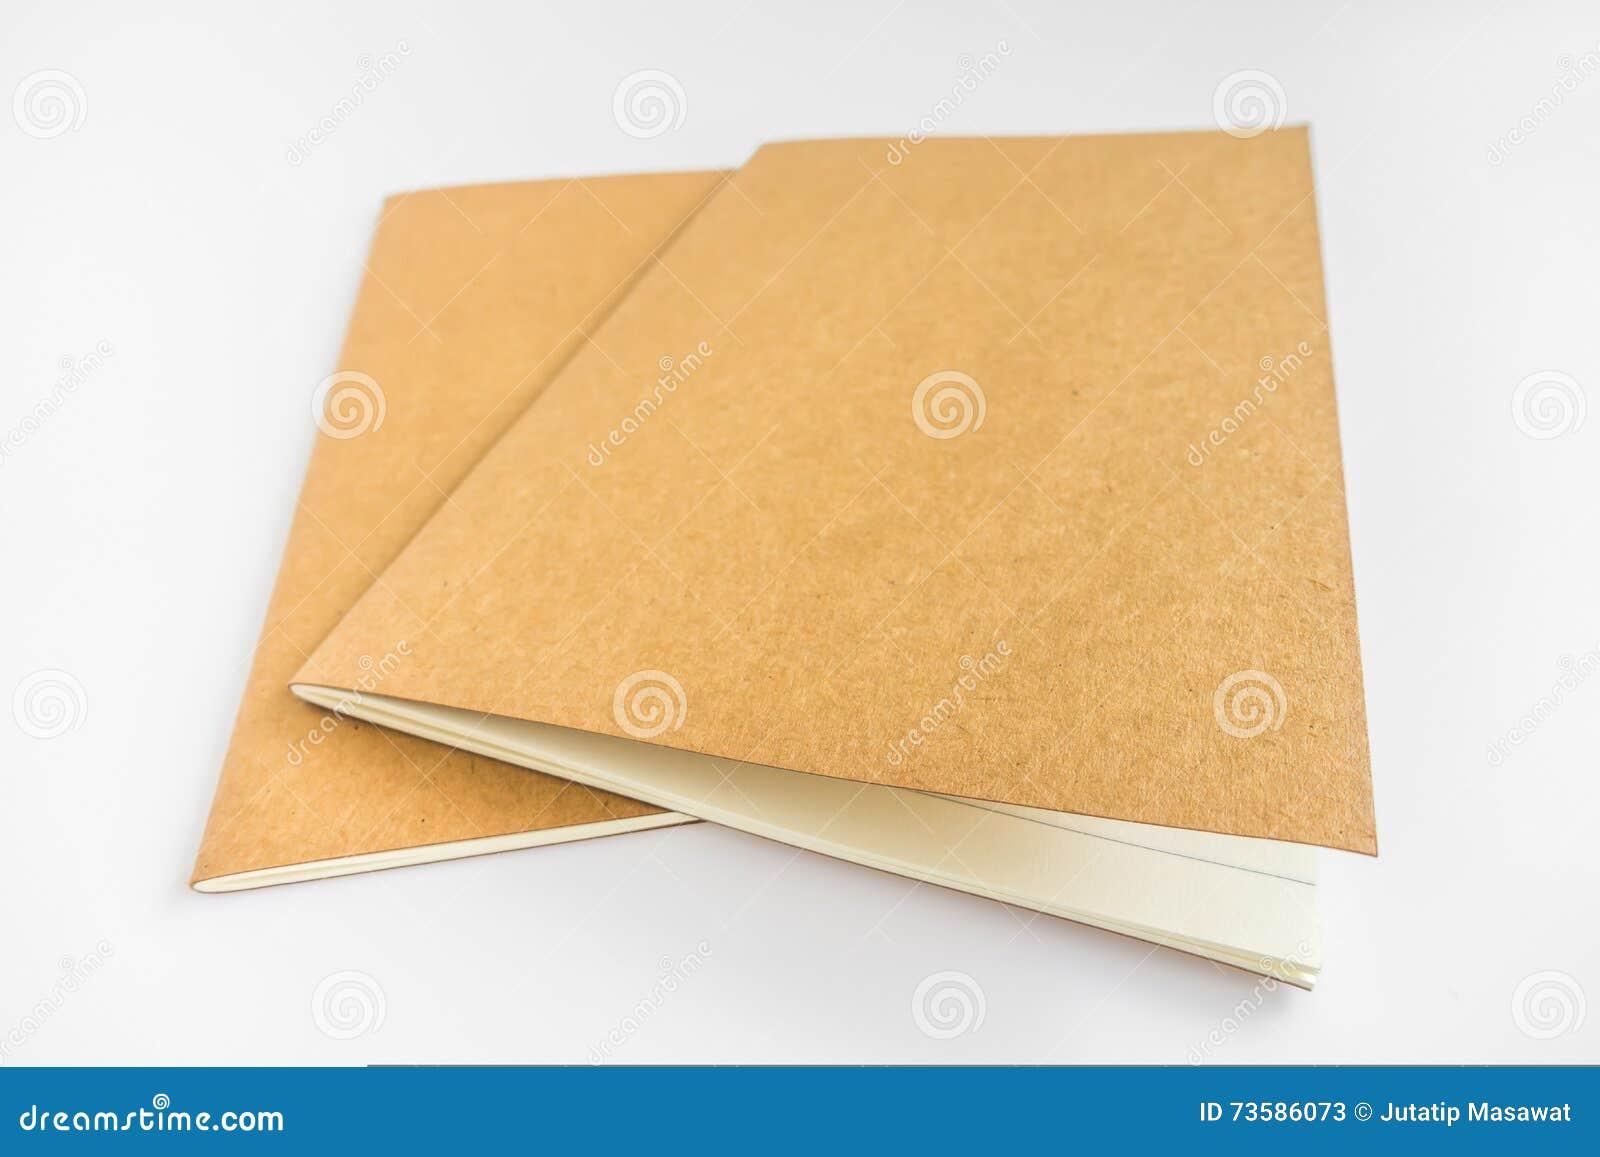 Pusty katalog, magazyn, książkowy szablon z miękkimi cieniami przygotowywający